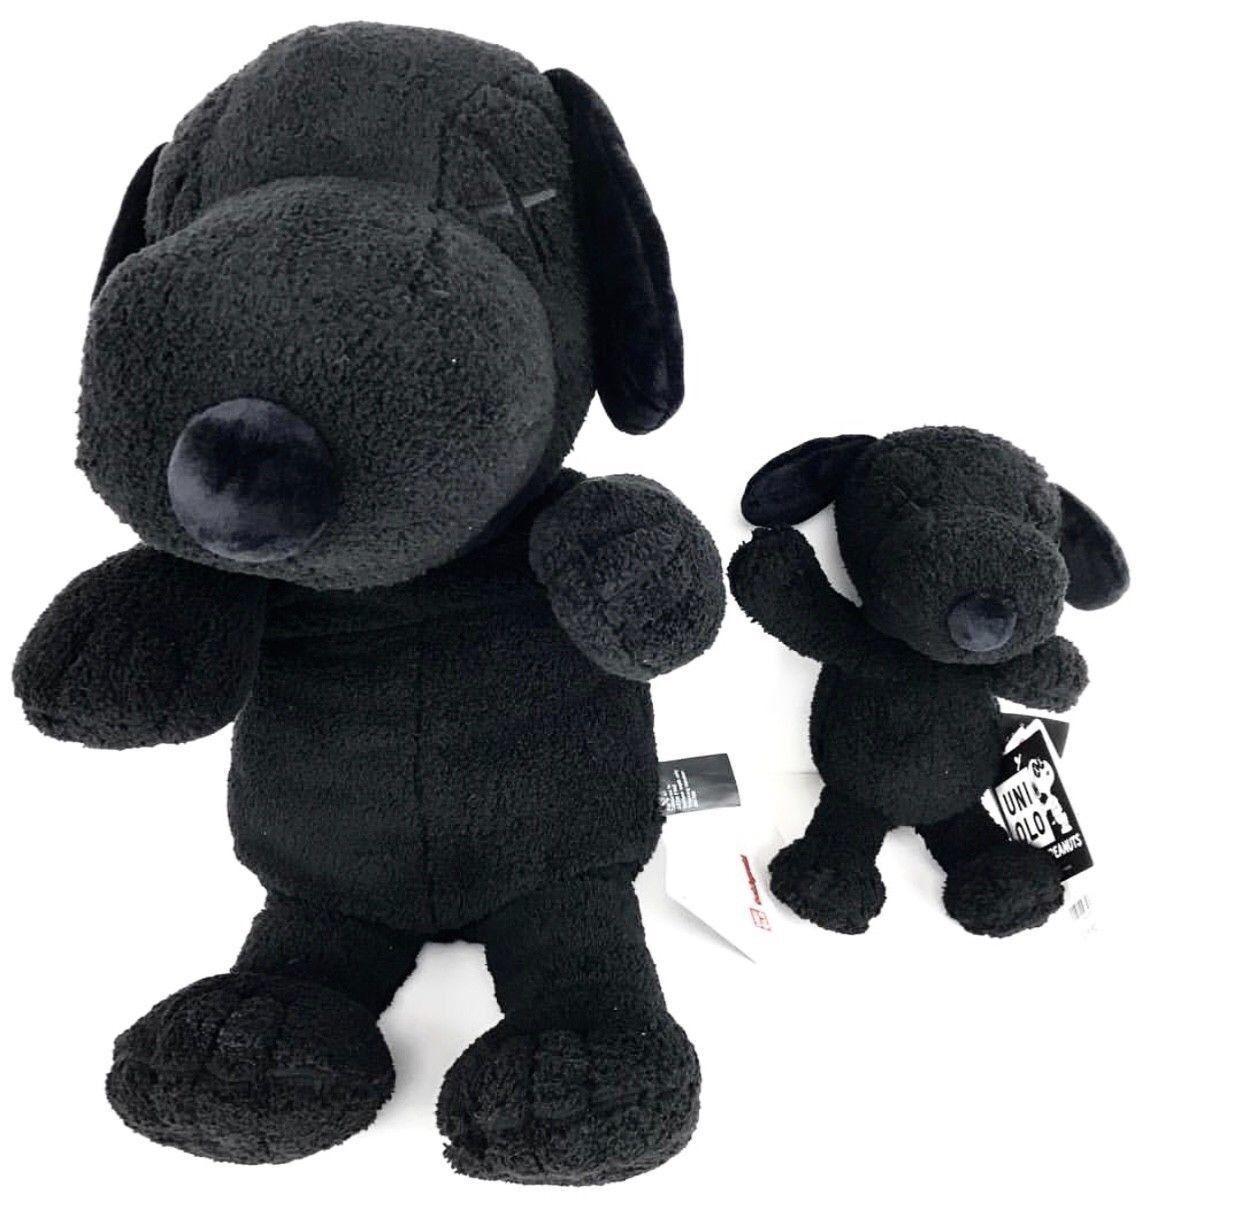 Conjunto De Peanuts Snoopy KAWS X Uniqlo Peluche Negro grande y pequeño en mano